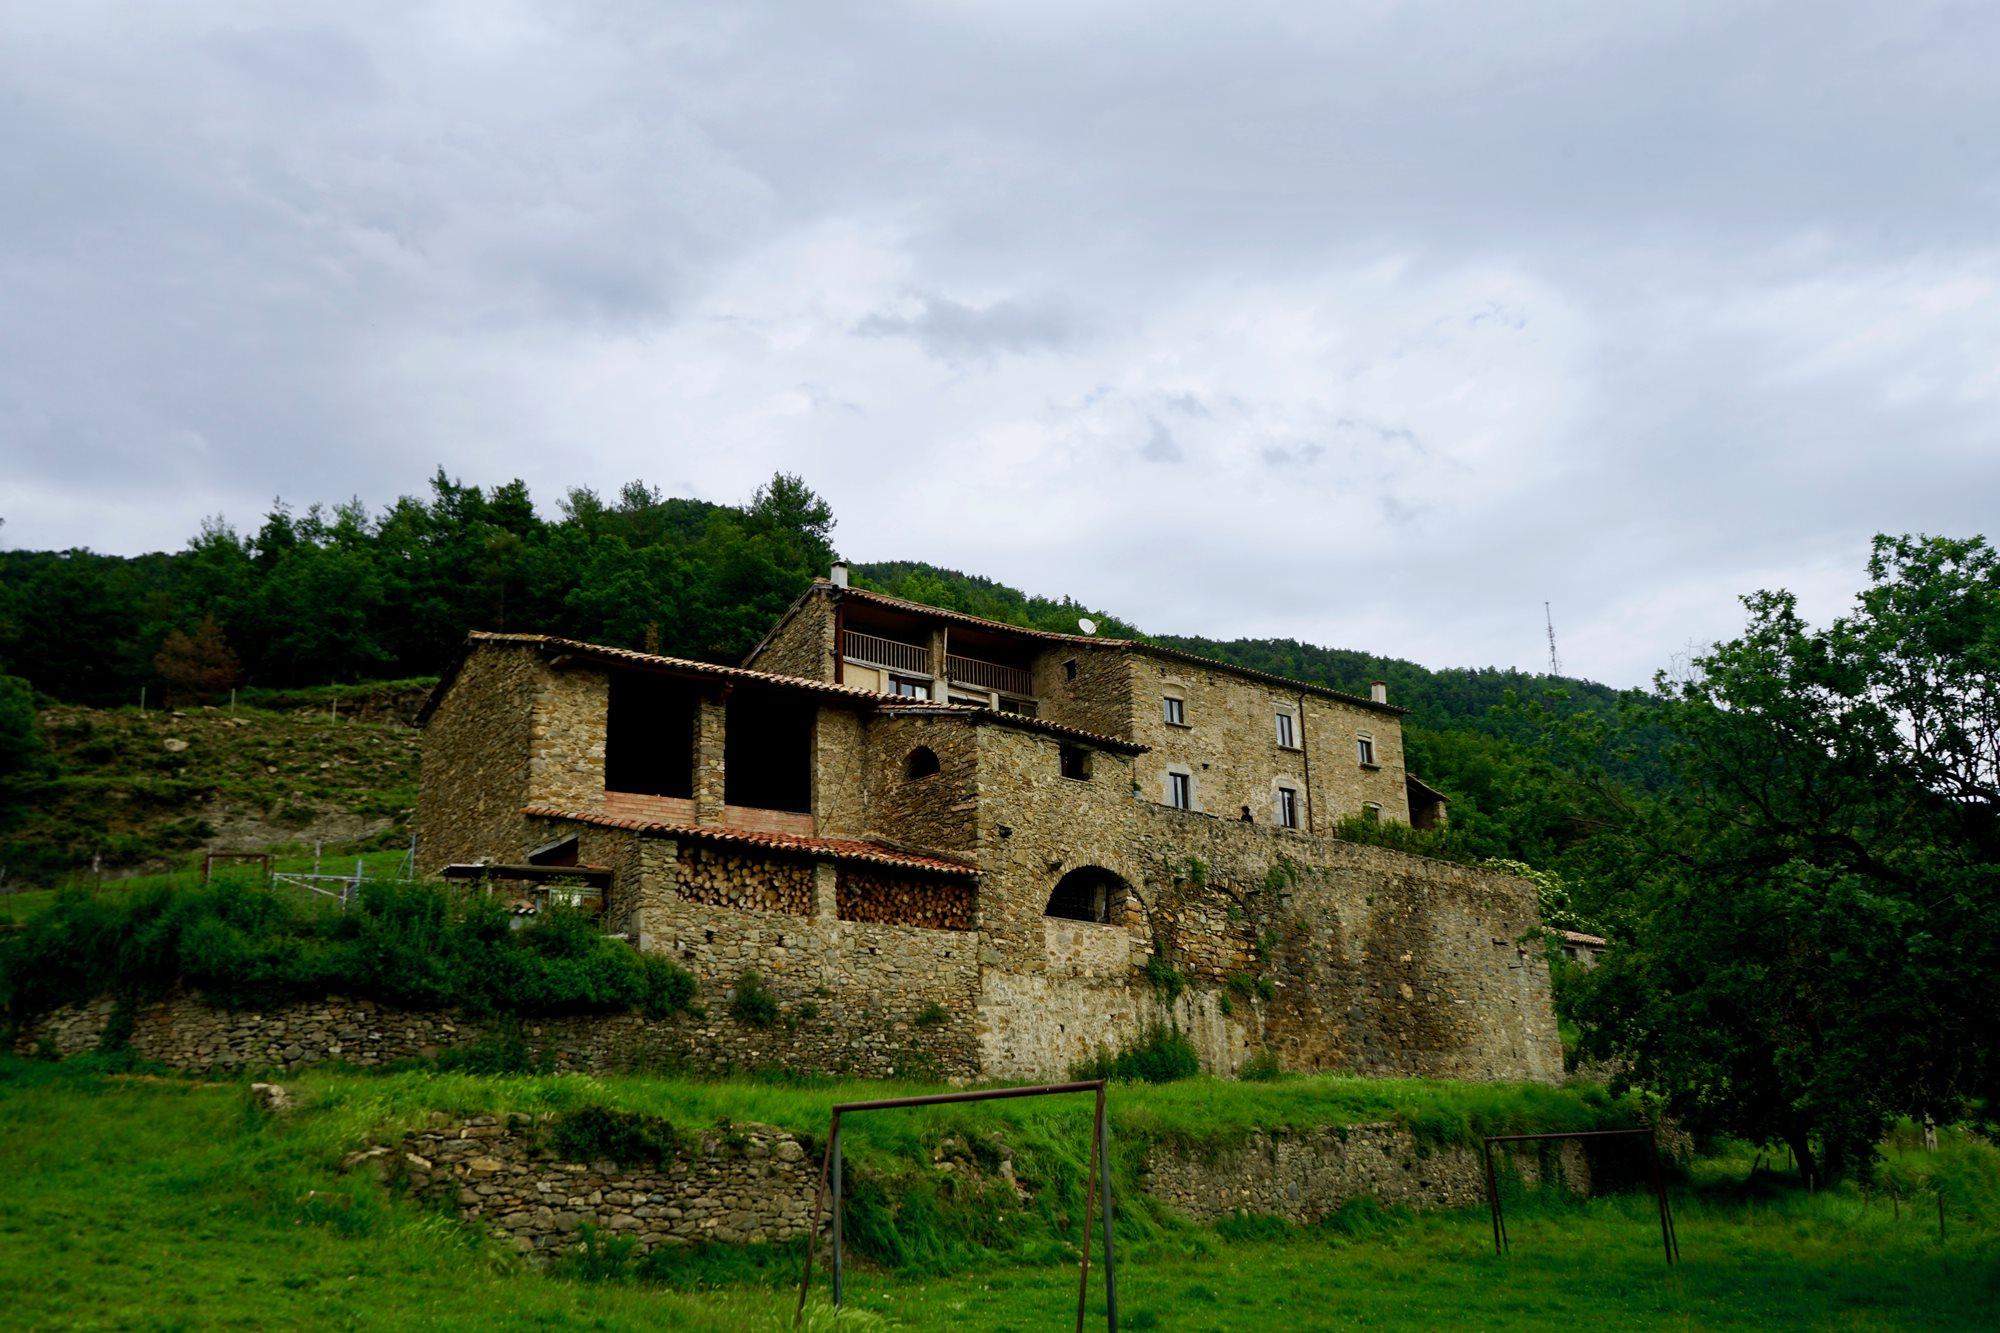 Los primeros documentos encontrados de la masía datan de 1366. Foto: Javier Martínez Mansilla